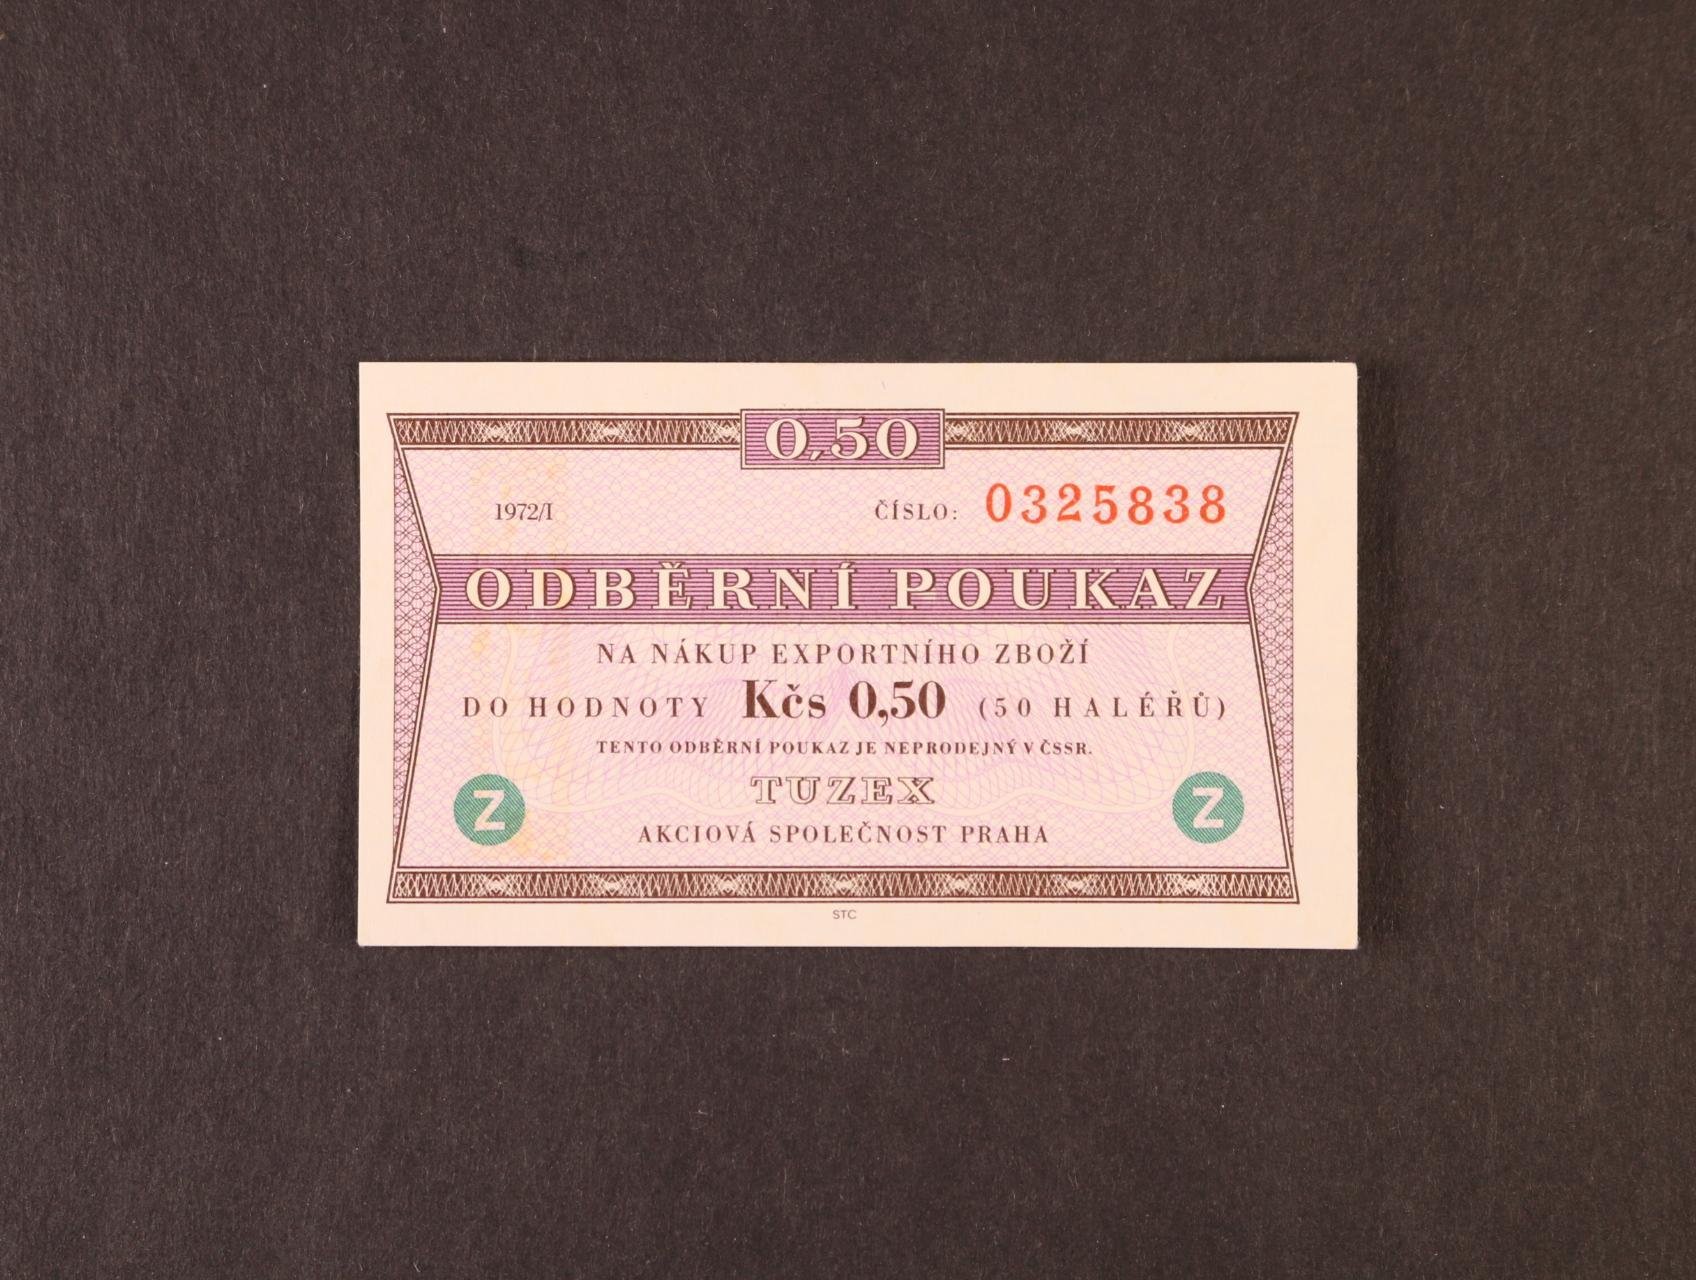 Tuzex, 0,50 TKčs s datem 1972/I